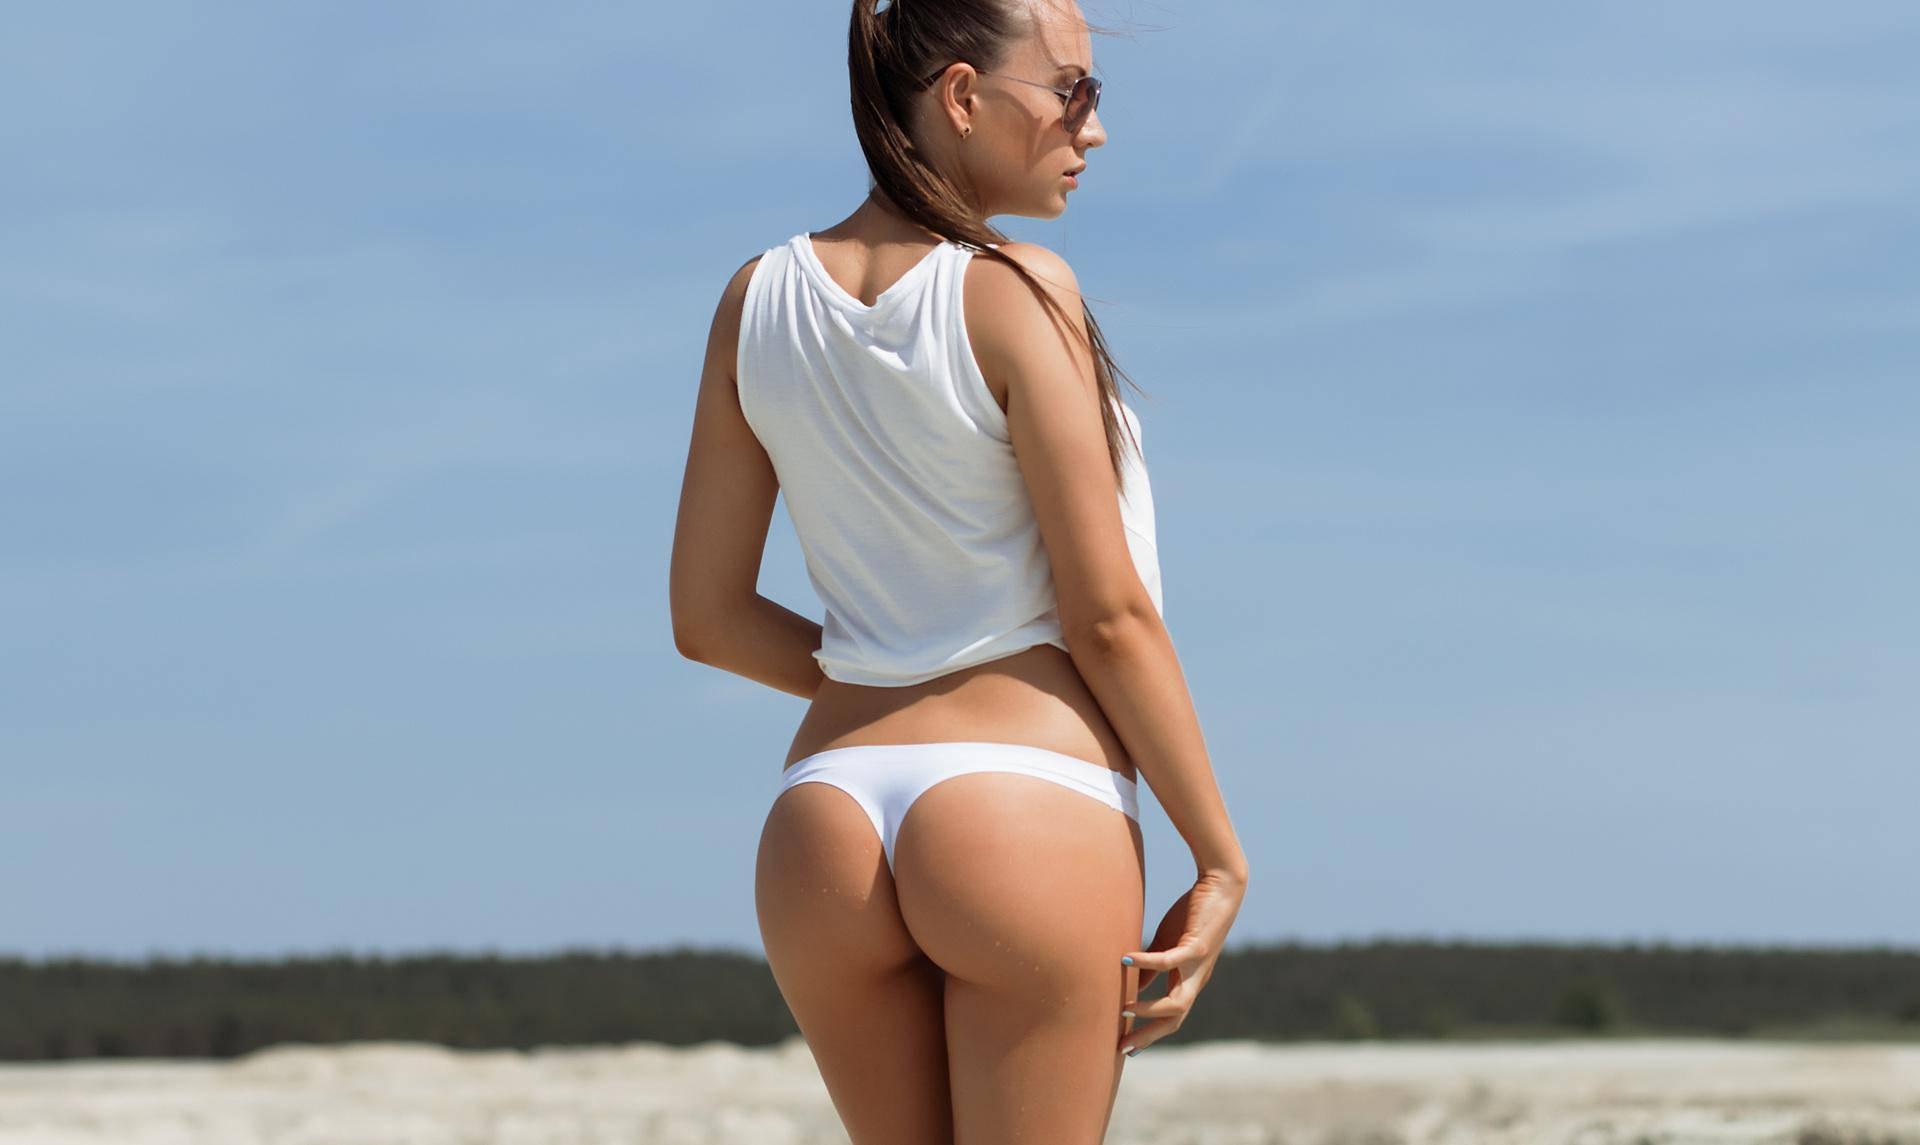 Najbolje vježbe s kojima svatko može imati okruglu i seksi guzu